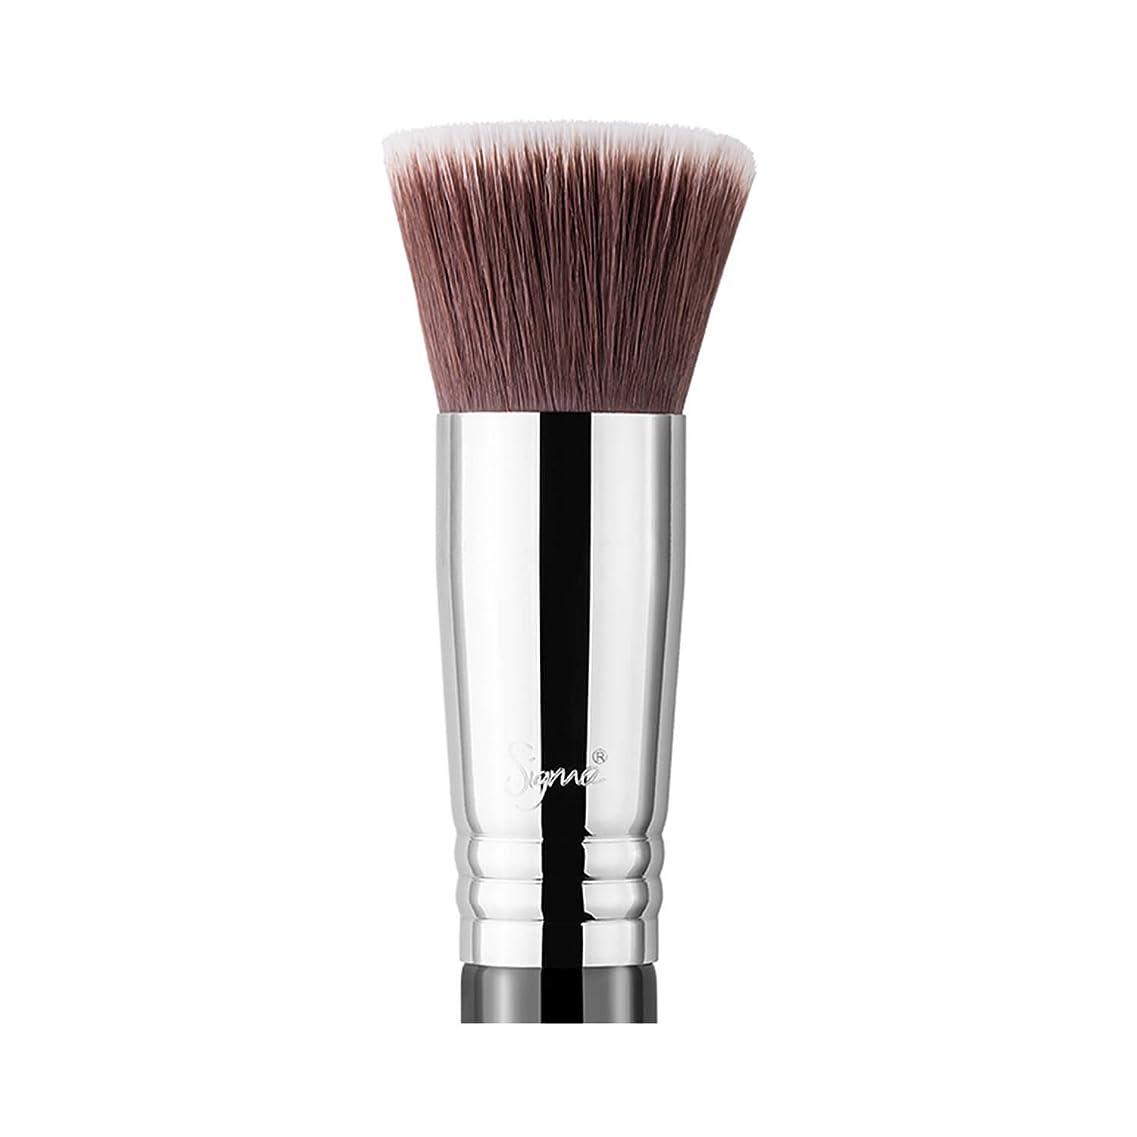 検索エンジン最適化かわす話すSigma Beauty F80 Flat Kabuki Brush -並行輸入品